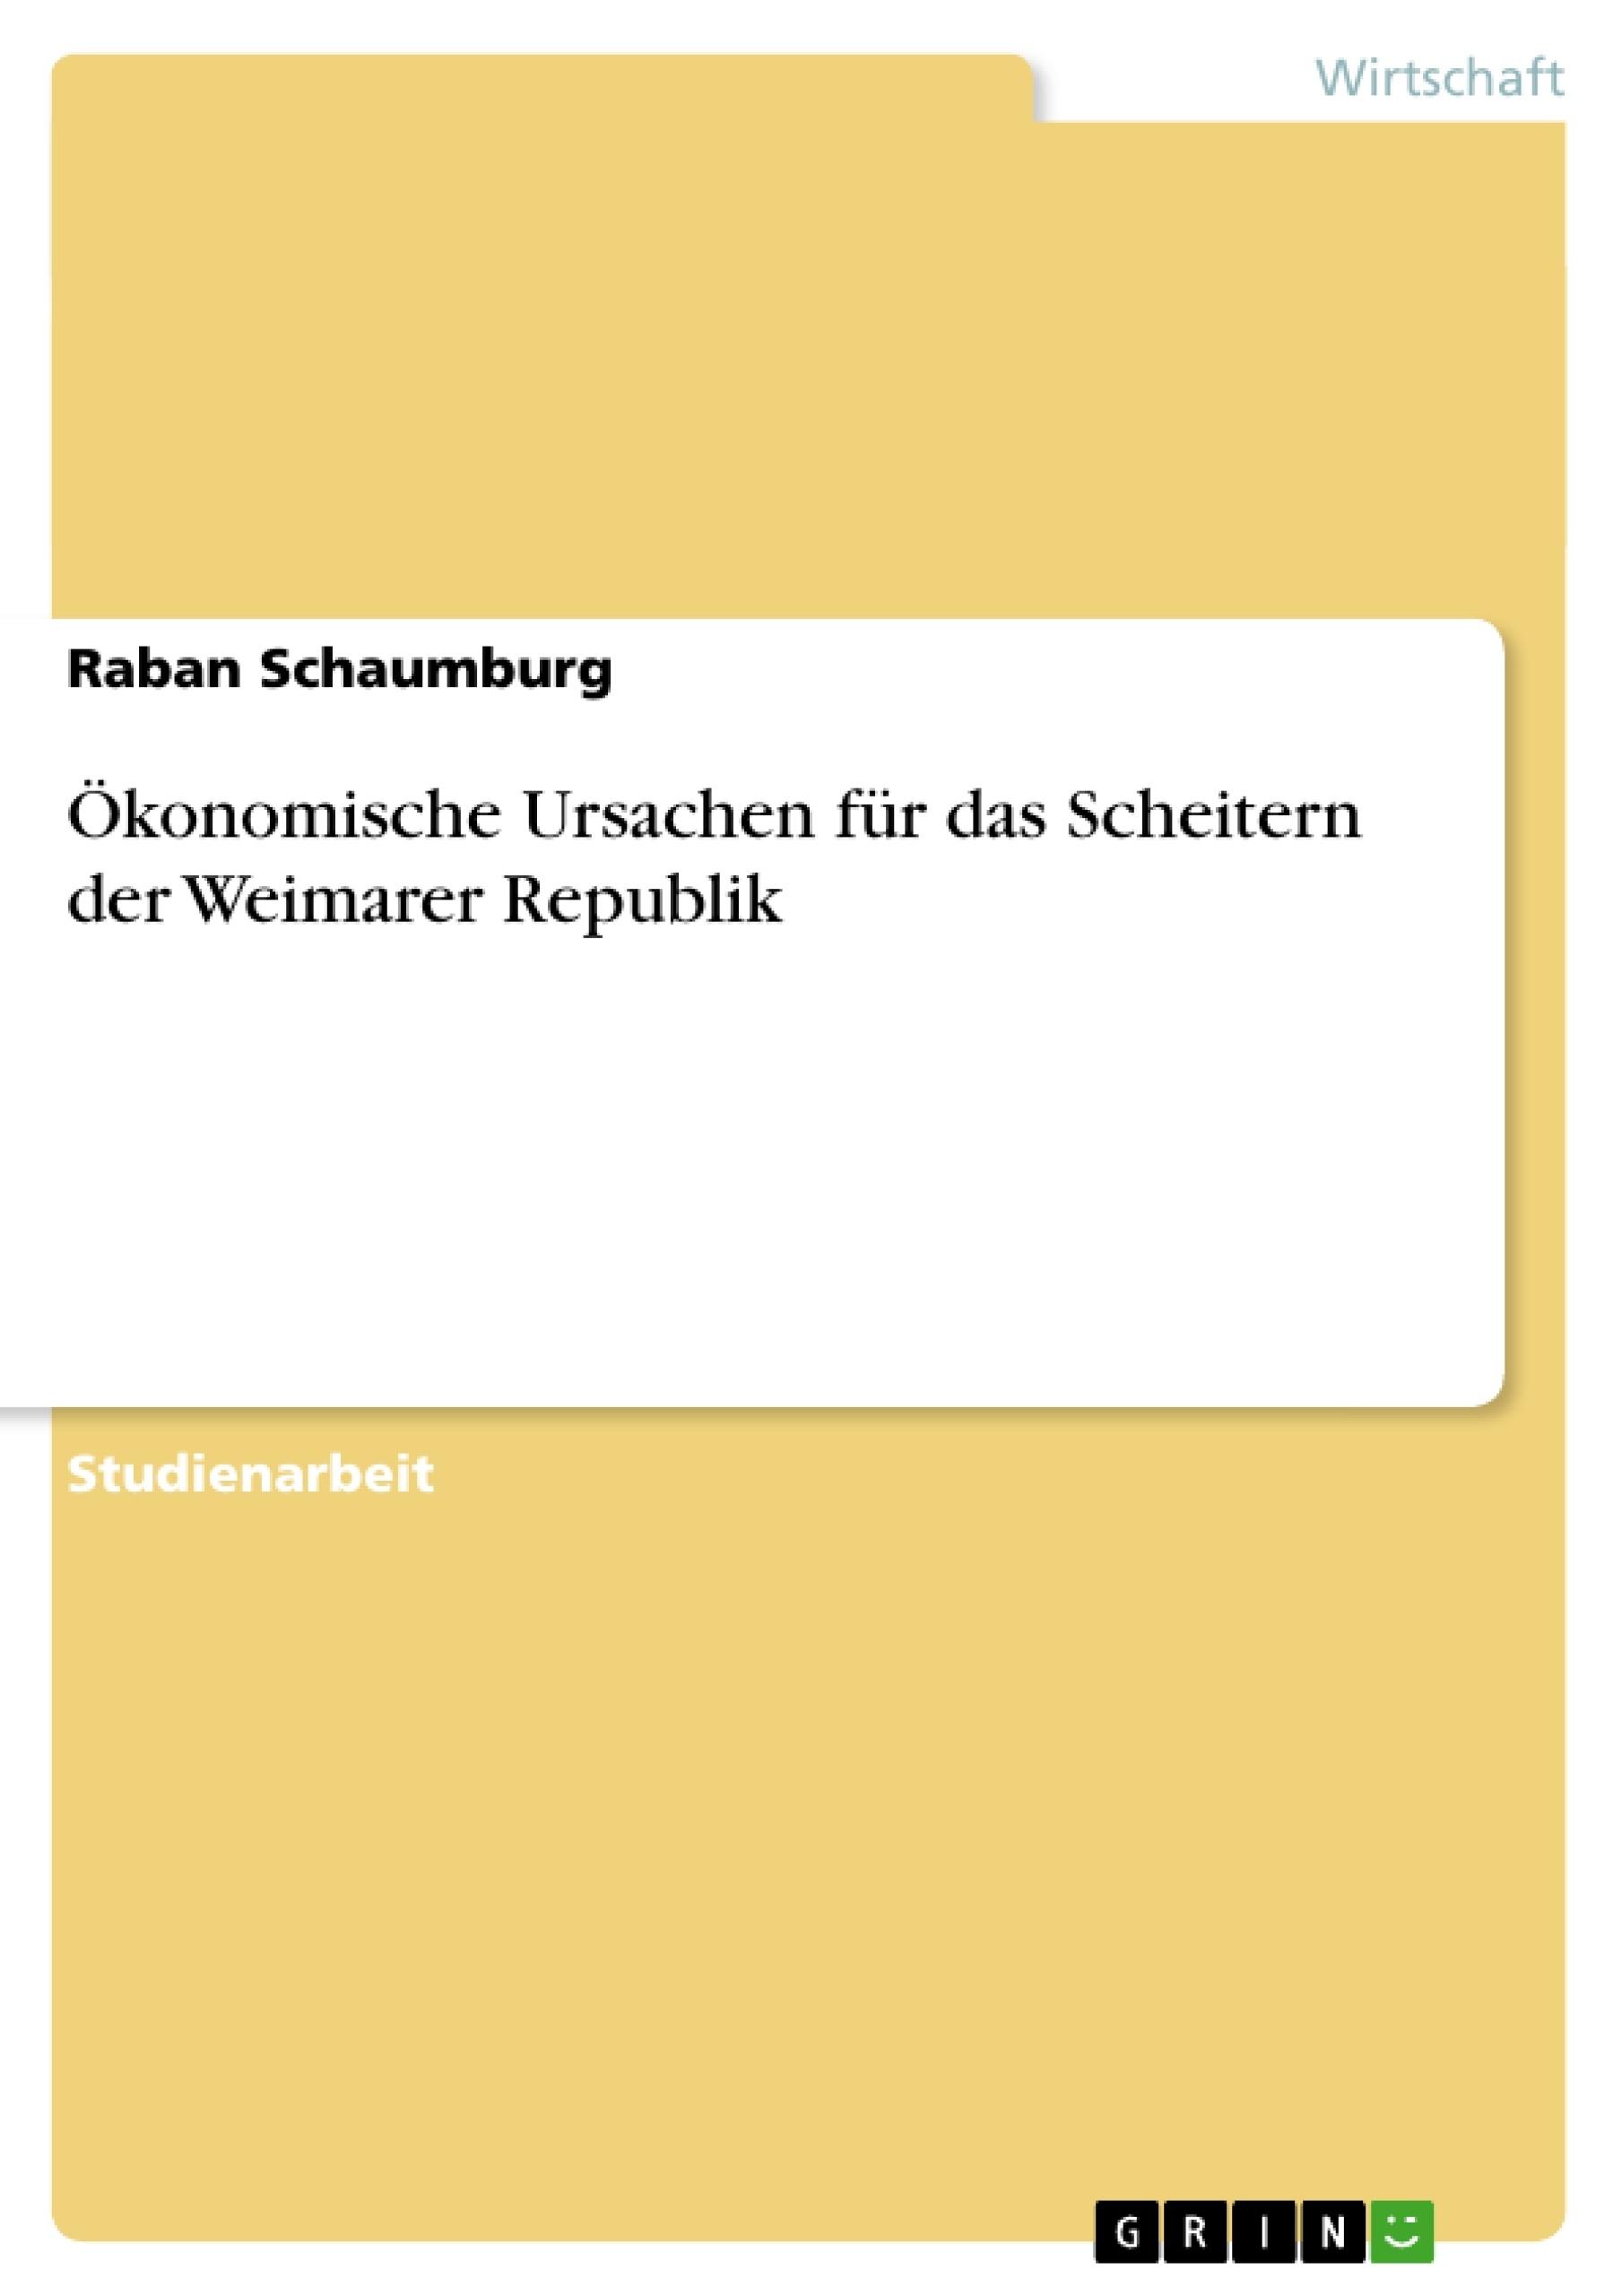 Titel: Ökonomische Ursachen für das Scheitern der Weimarer Republik